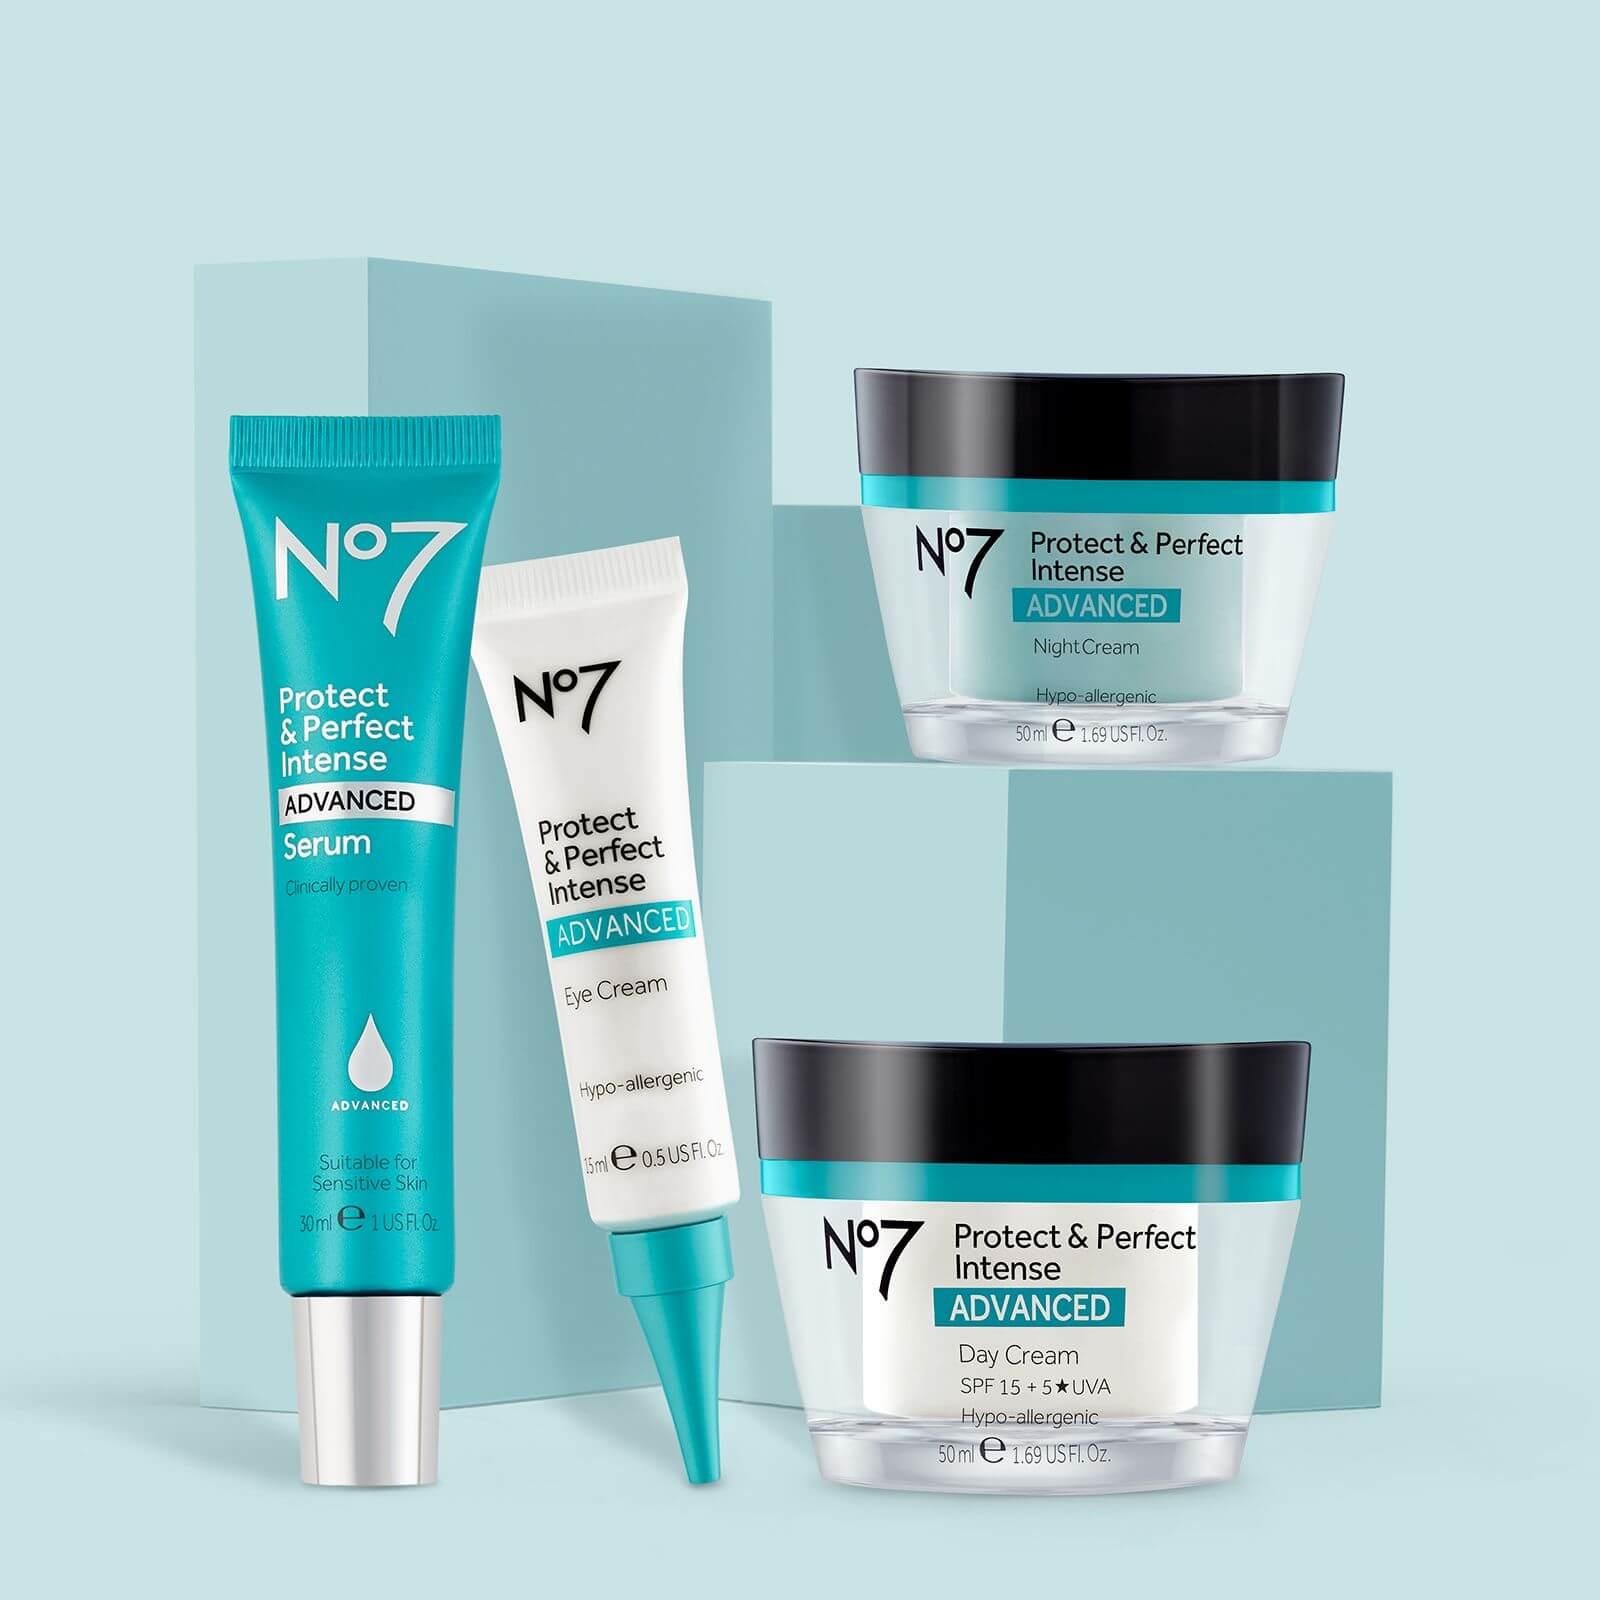 No.7 Protect & Perfect Range: Serum, Eye Cream, Night Cream and Day Cream